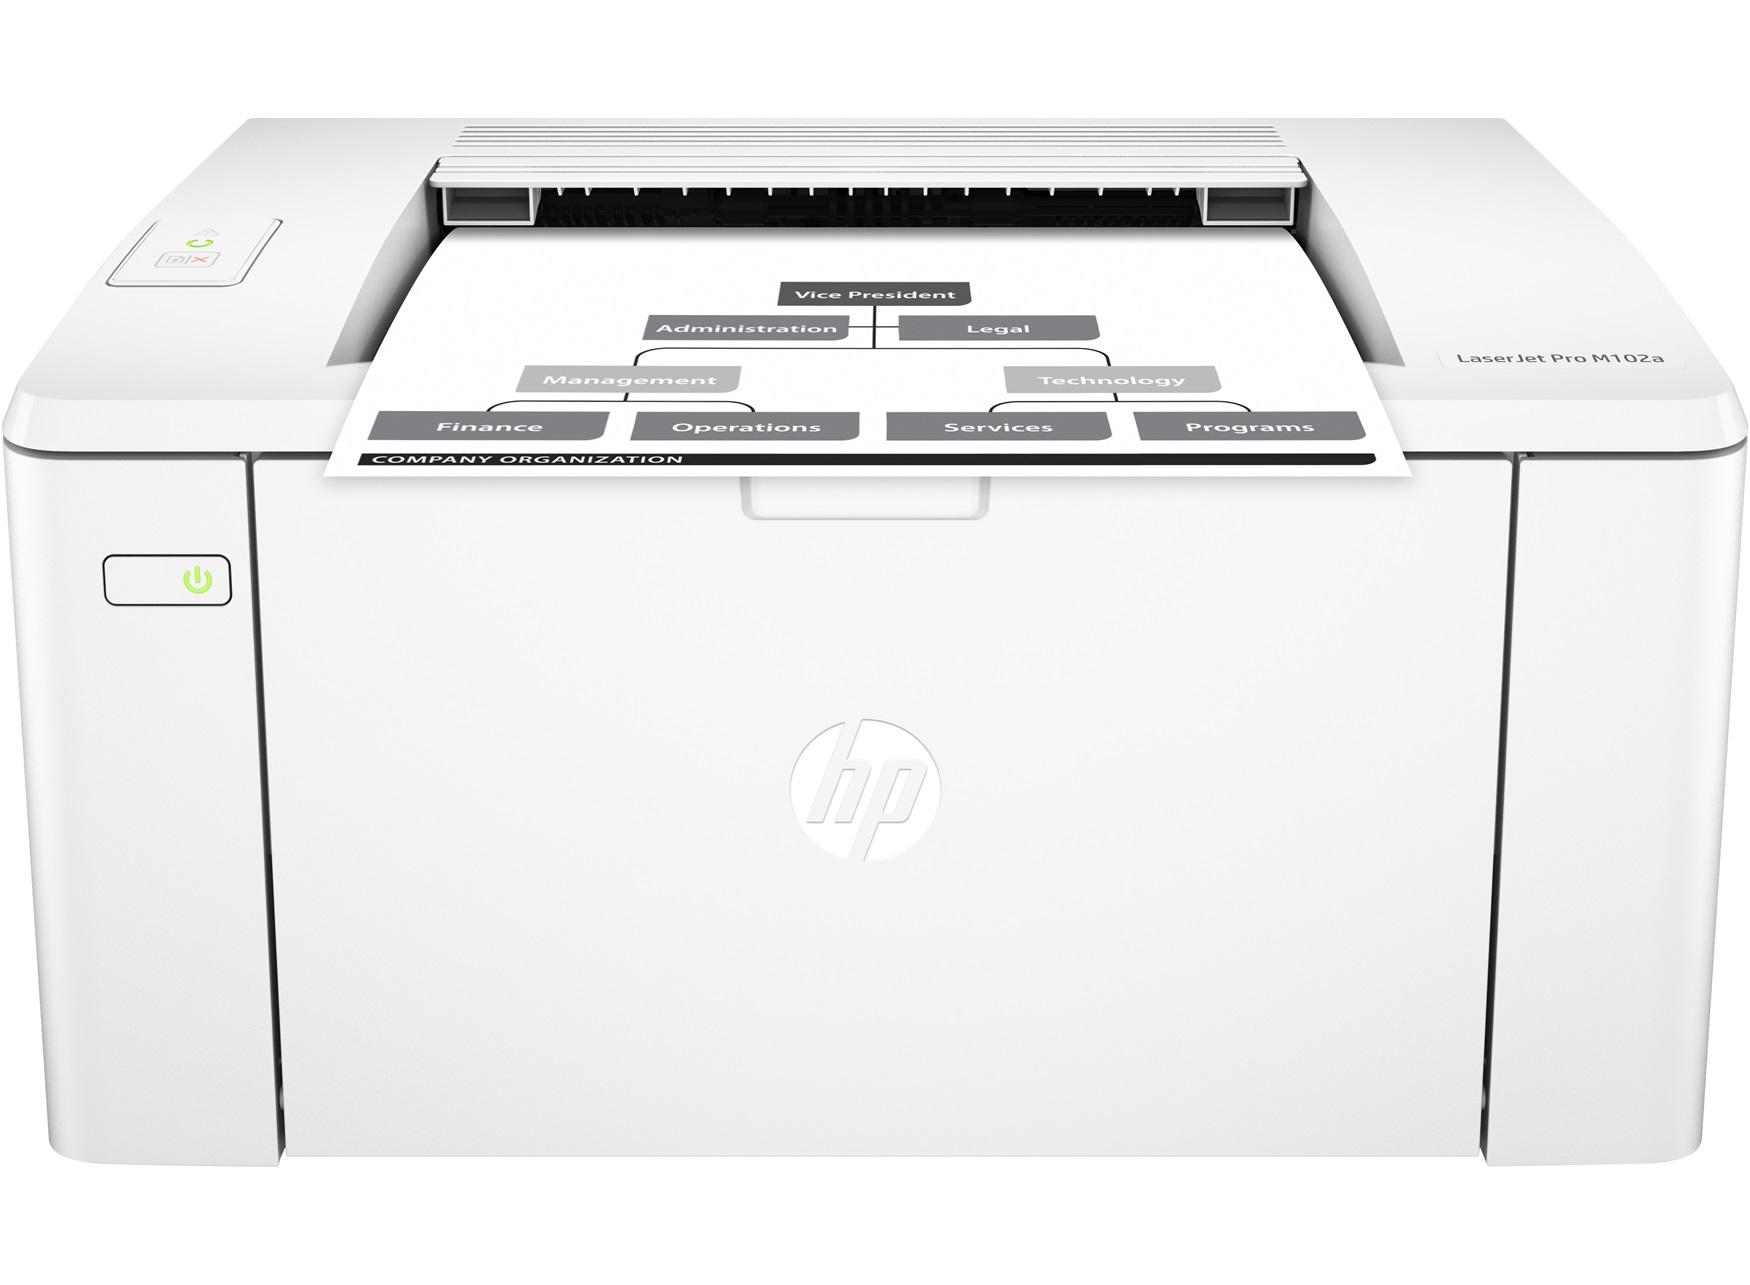 Принтер HP LaserJet Pro M102a Printer